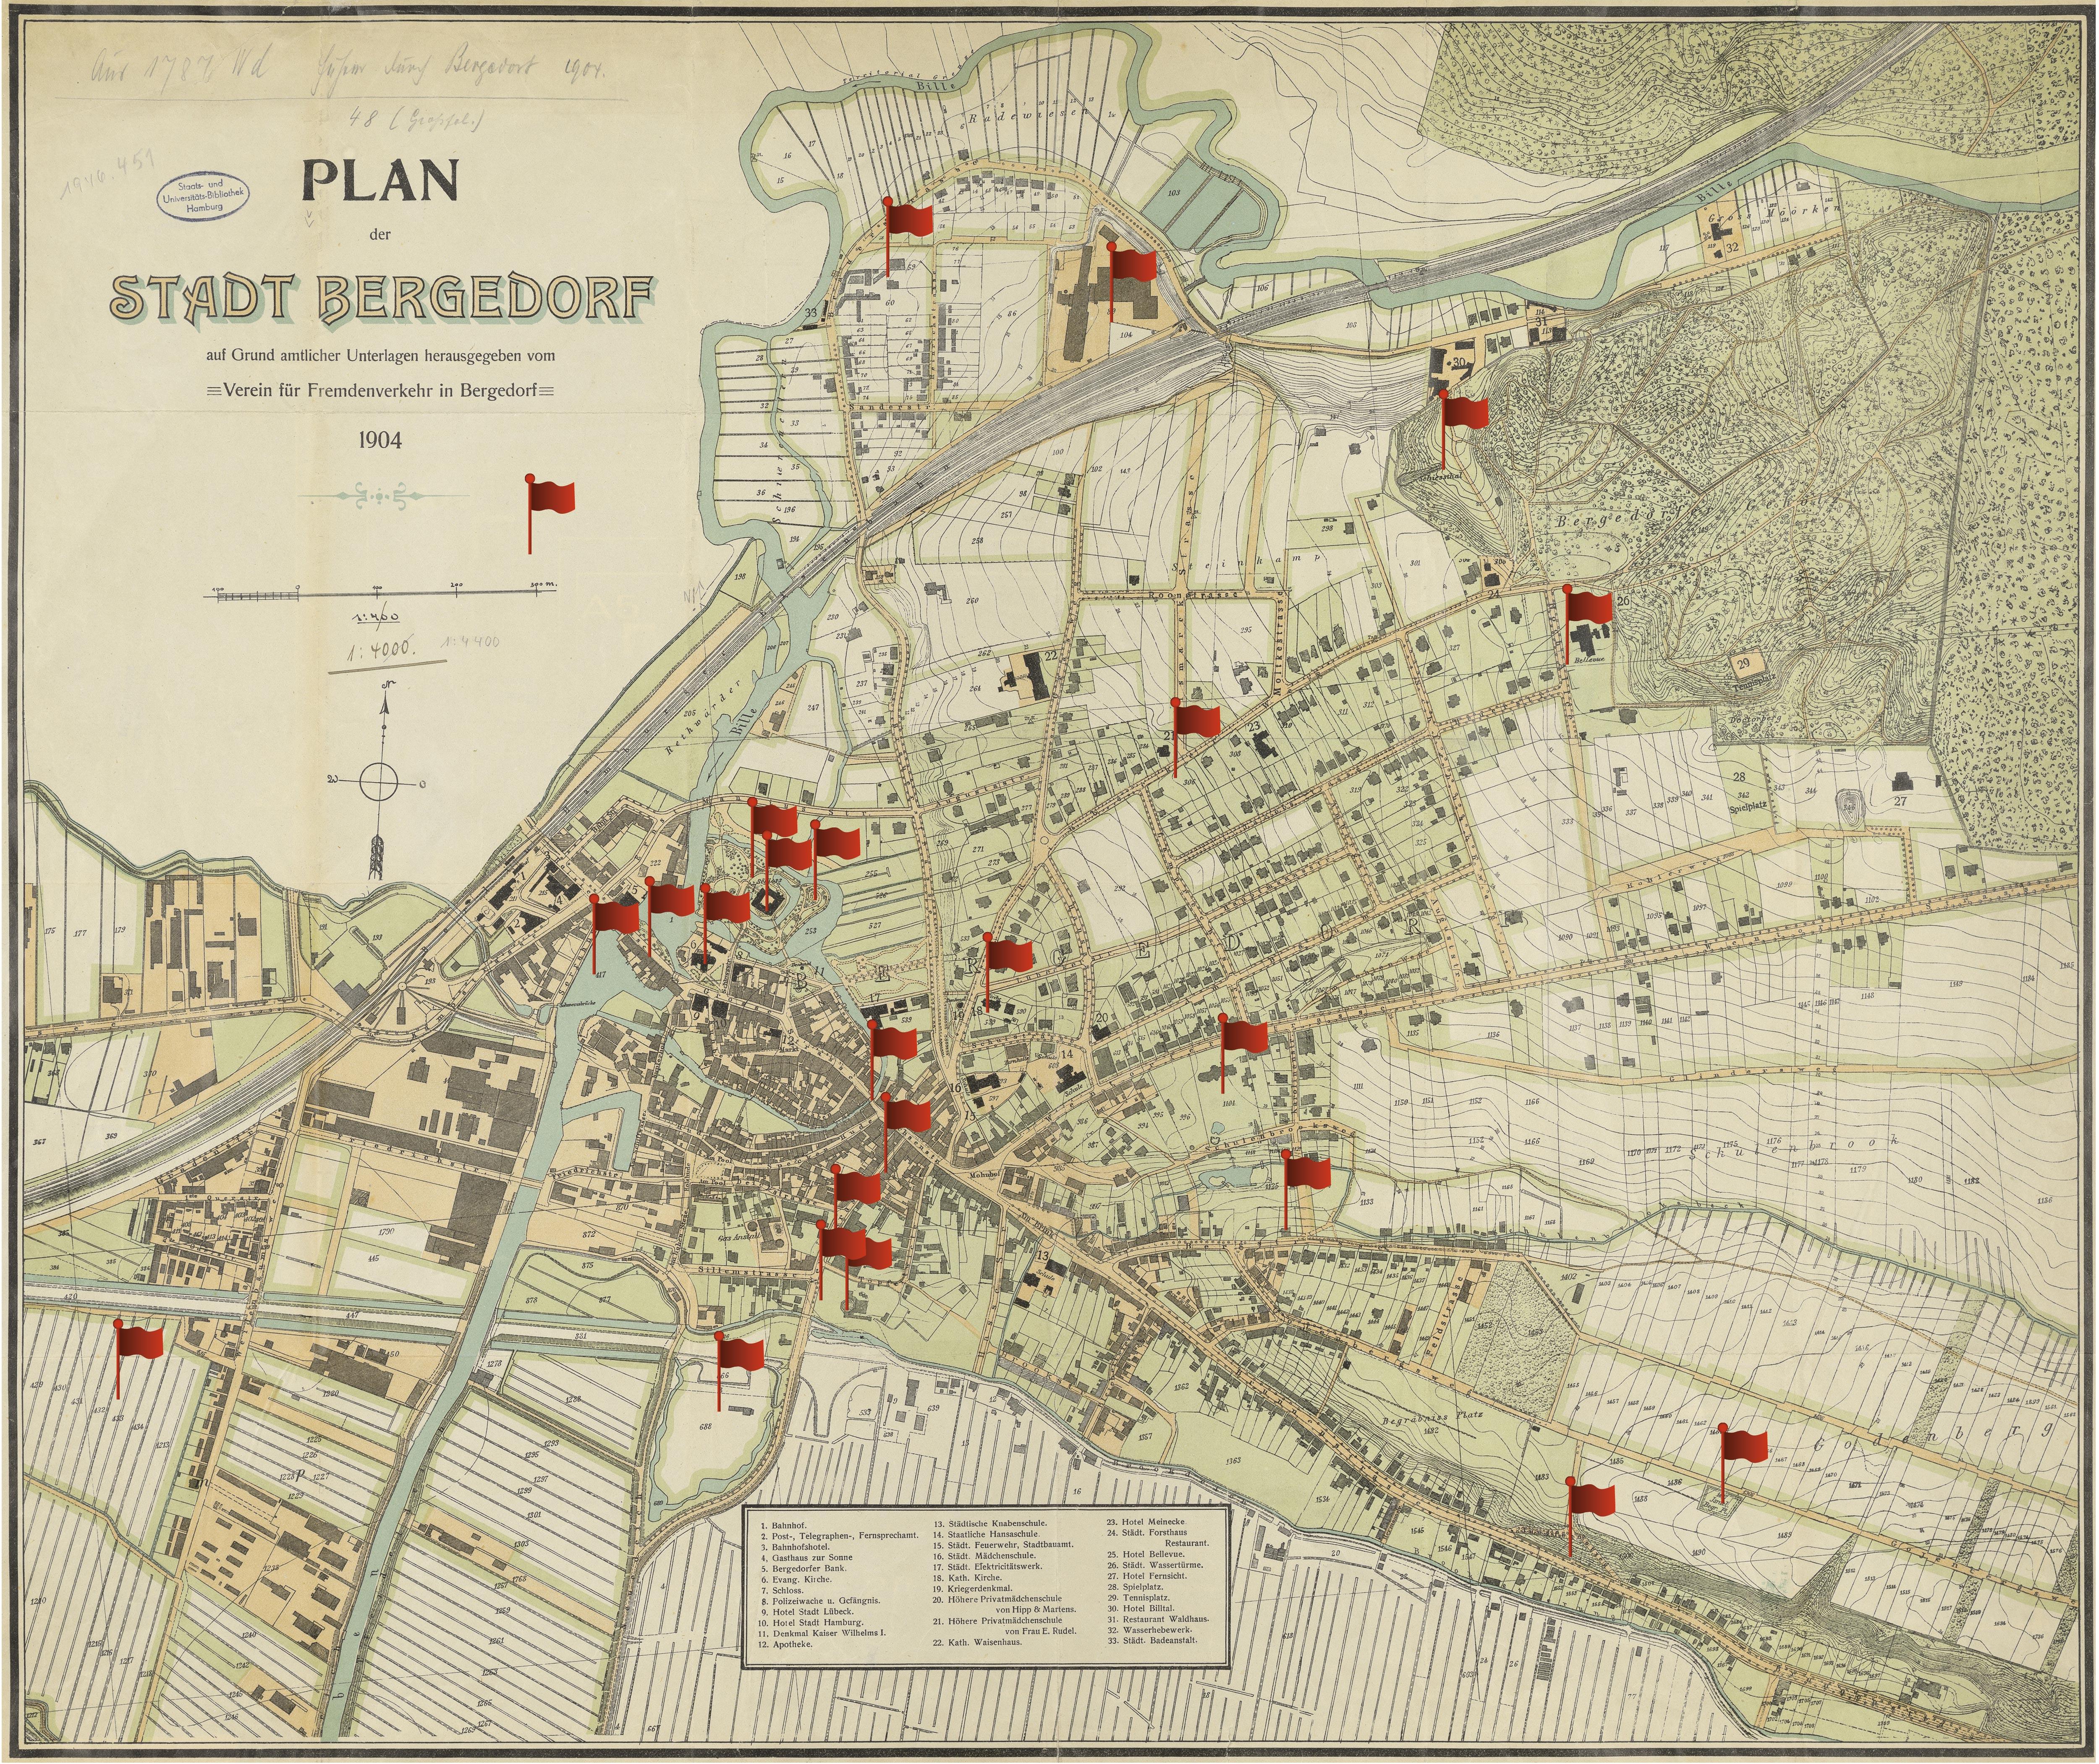 hamburg bergedorf karte Karte 1904 | Bergedorf Blog